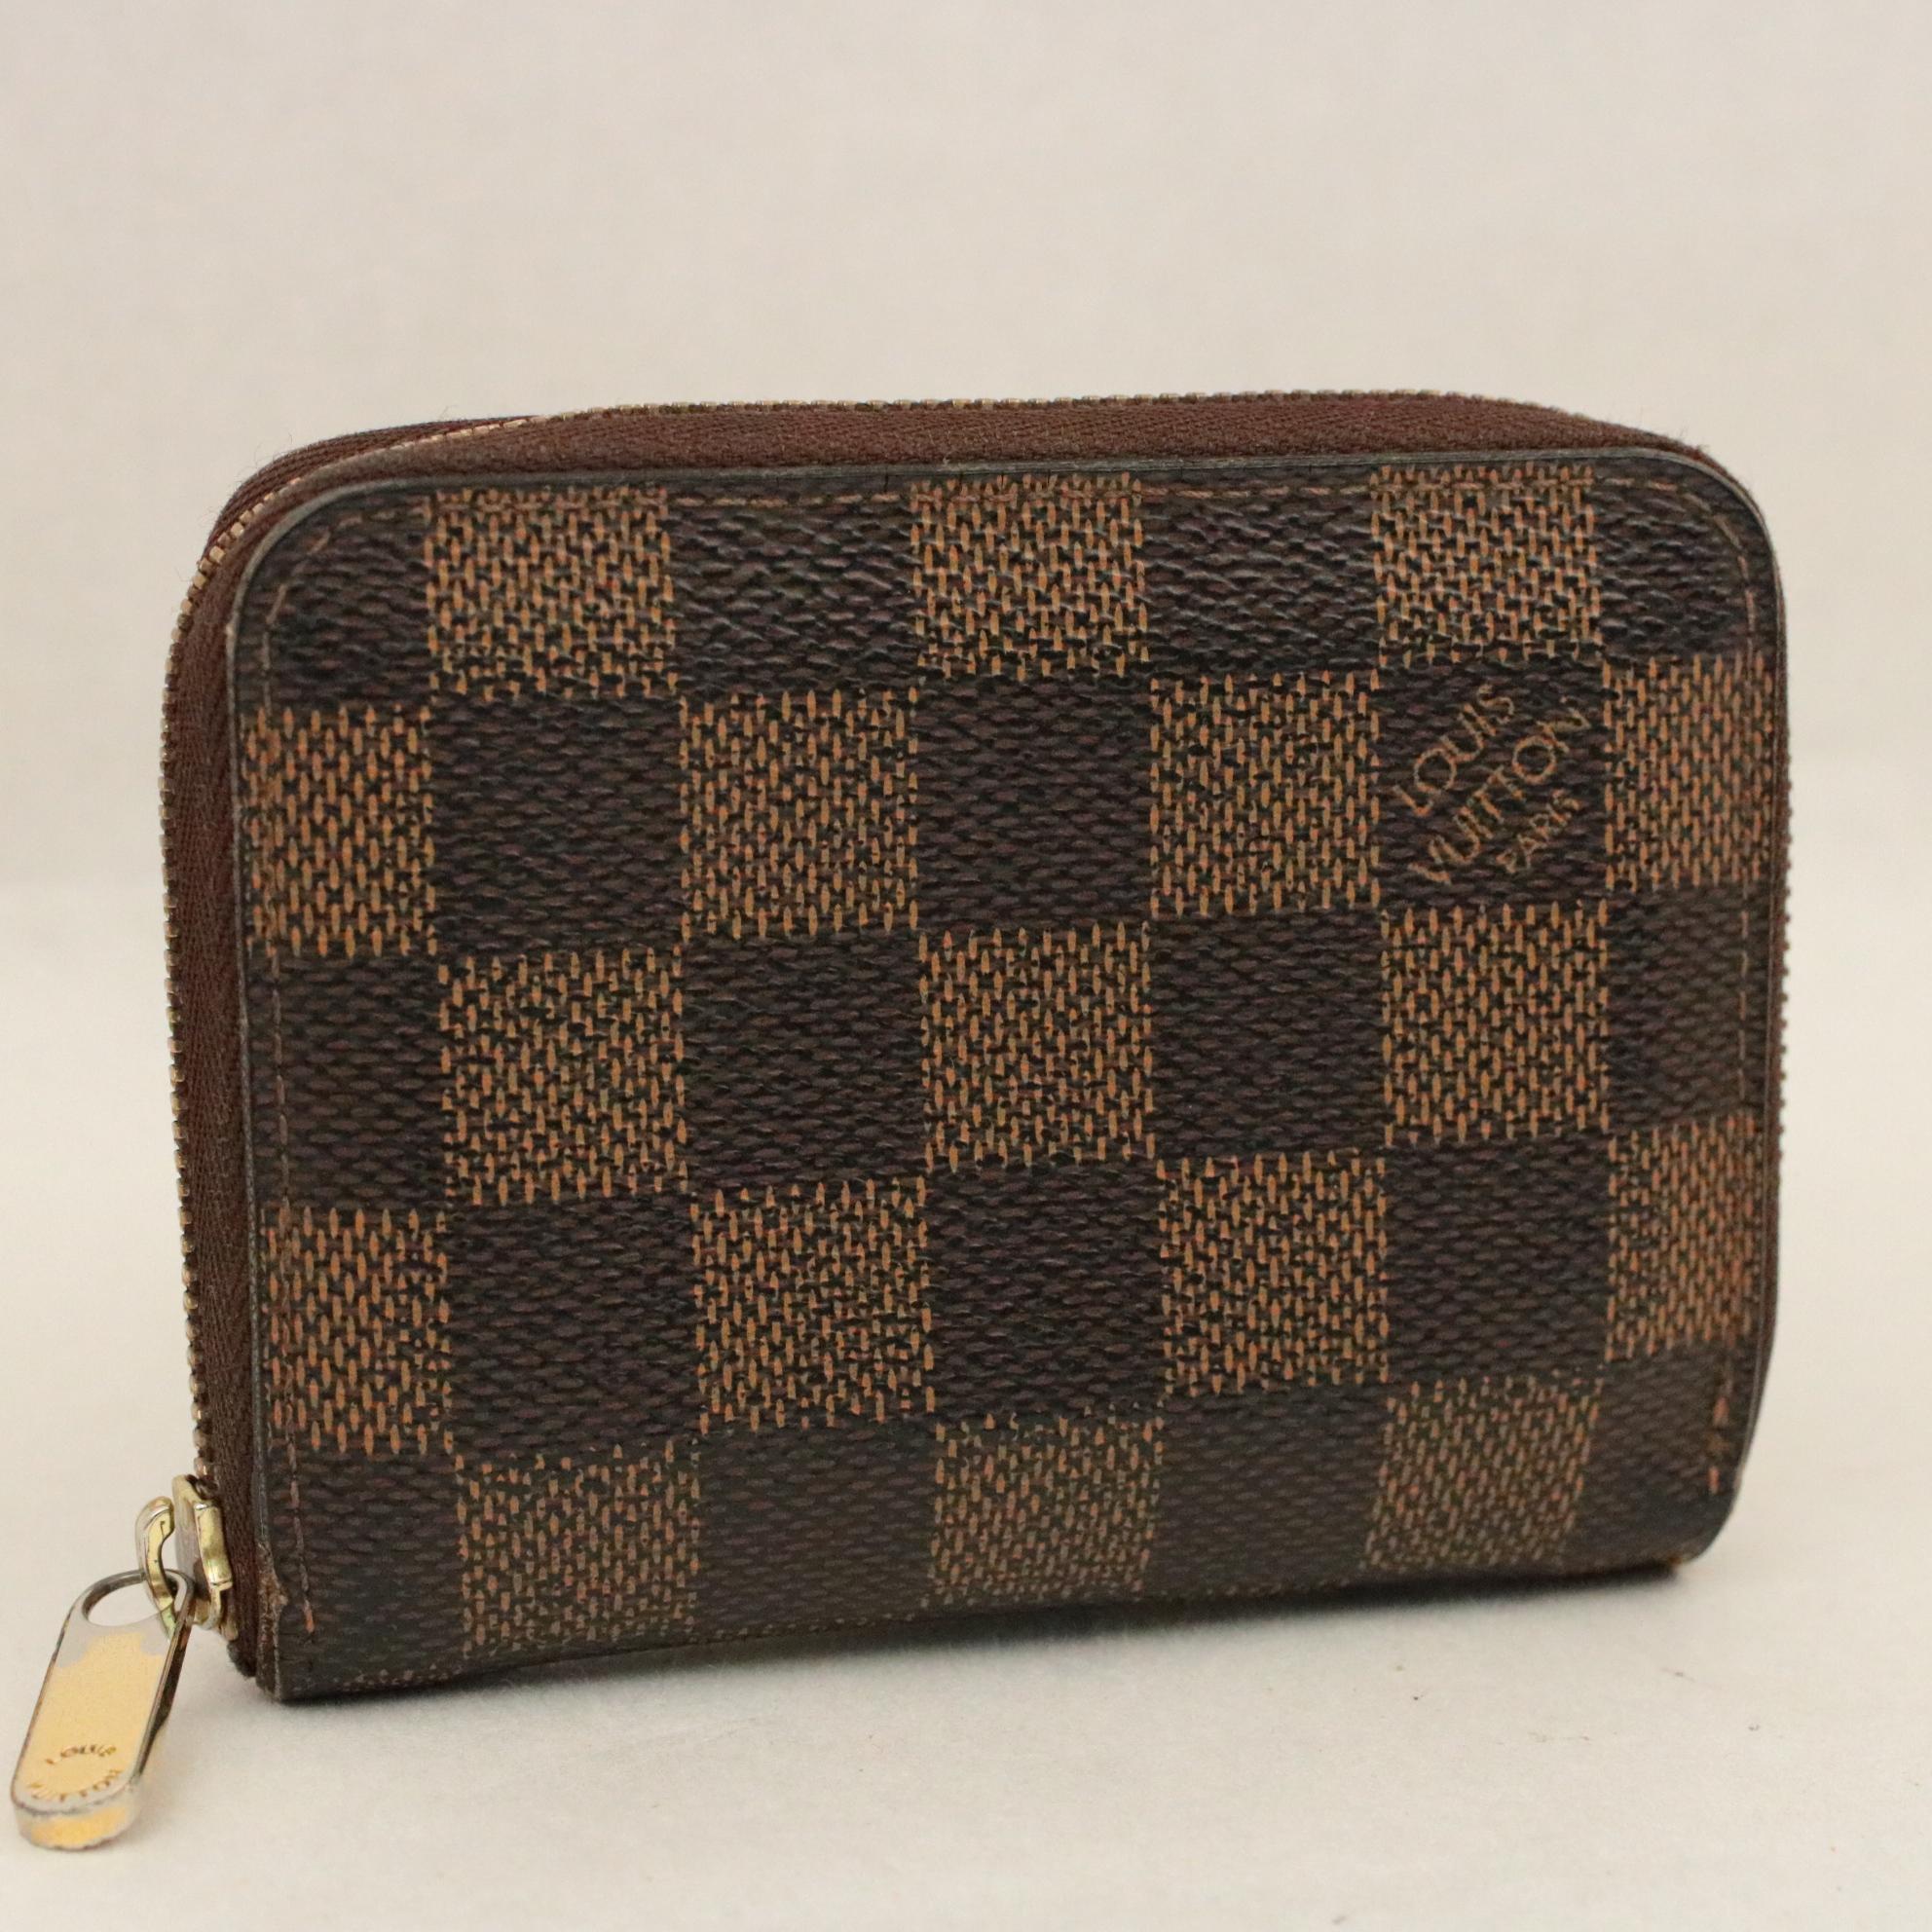 codice promozionale f2fc8 152c7 Dettagli su Louis Vuitton Damier Zippy Portamonete N63070 IV Auth 7616